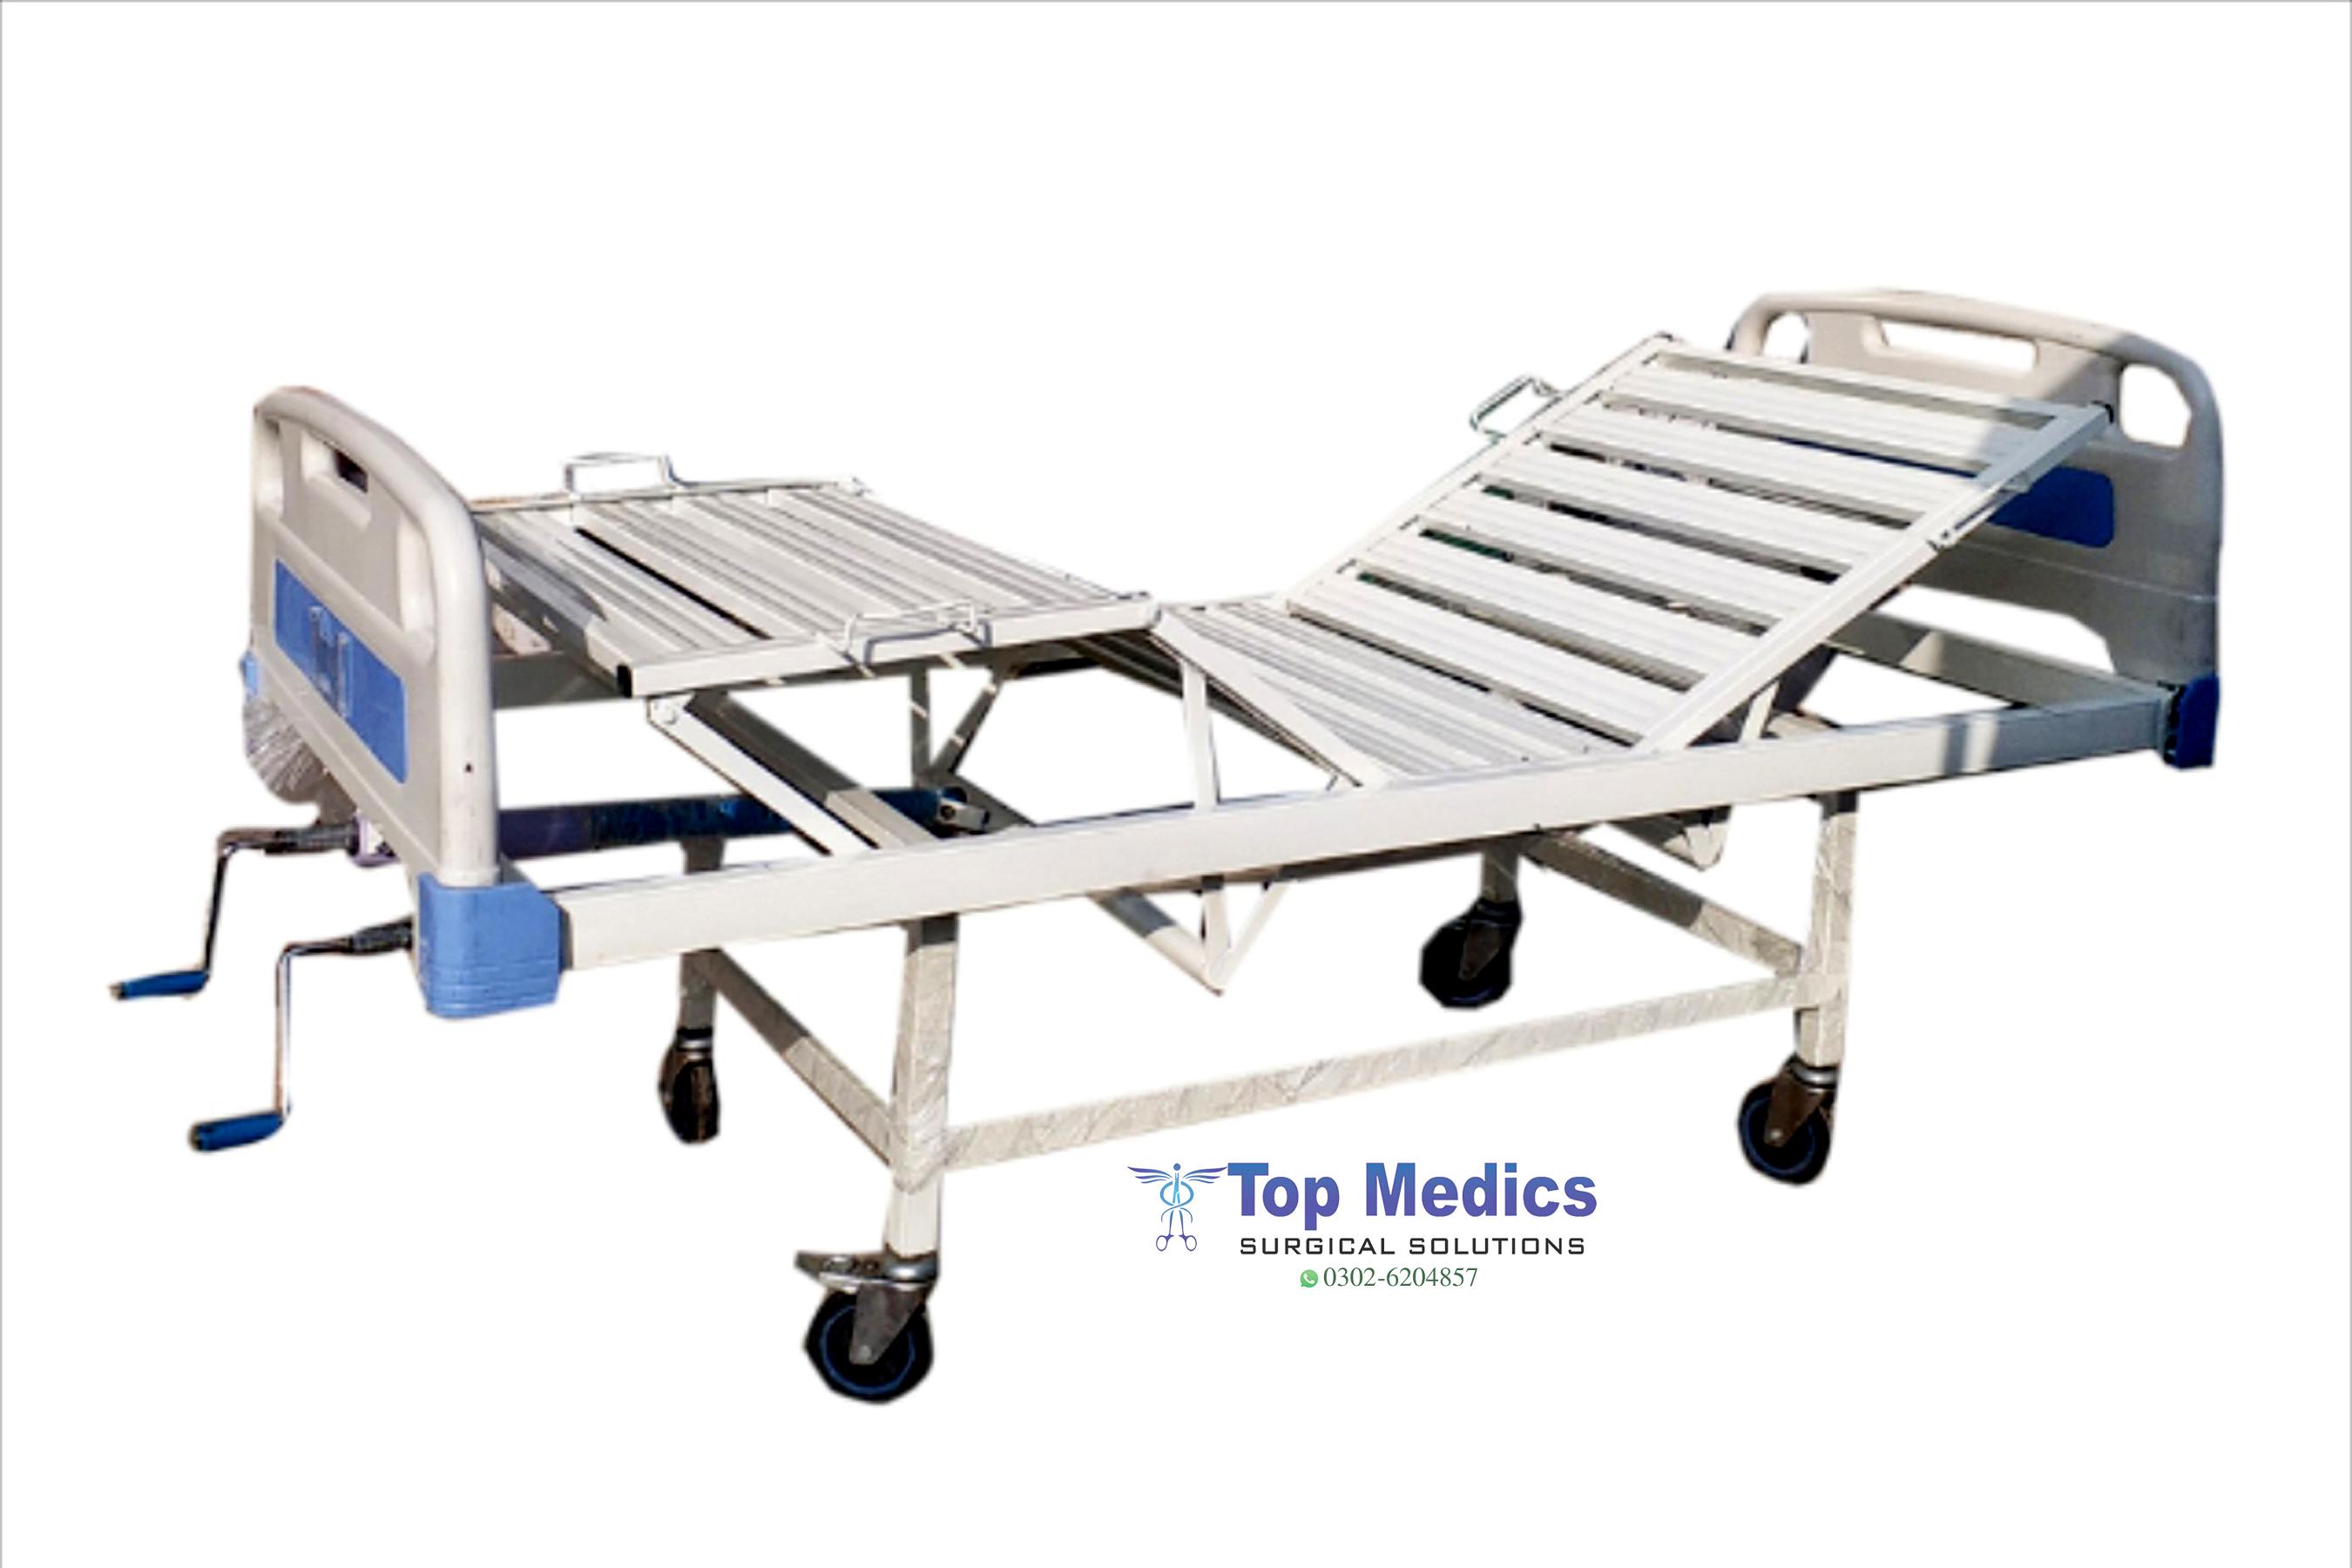 Best Medical Equipment In Pakistan